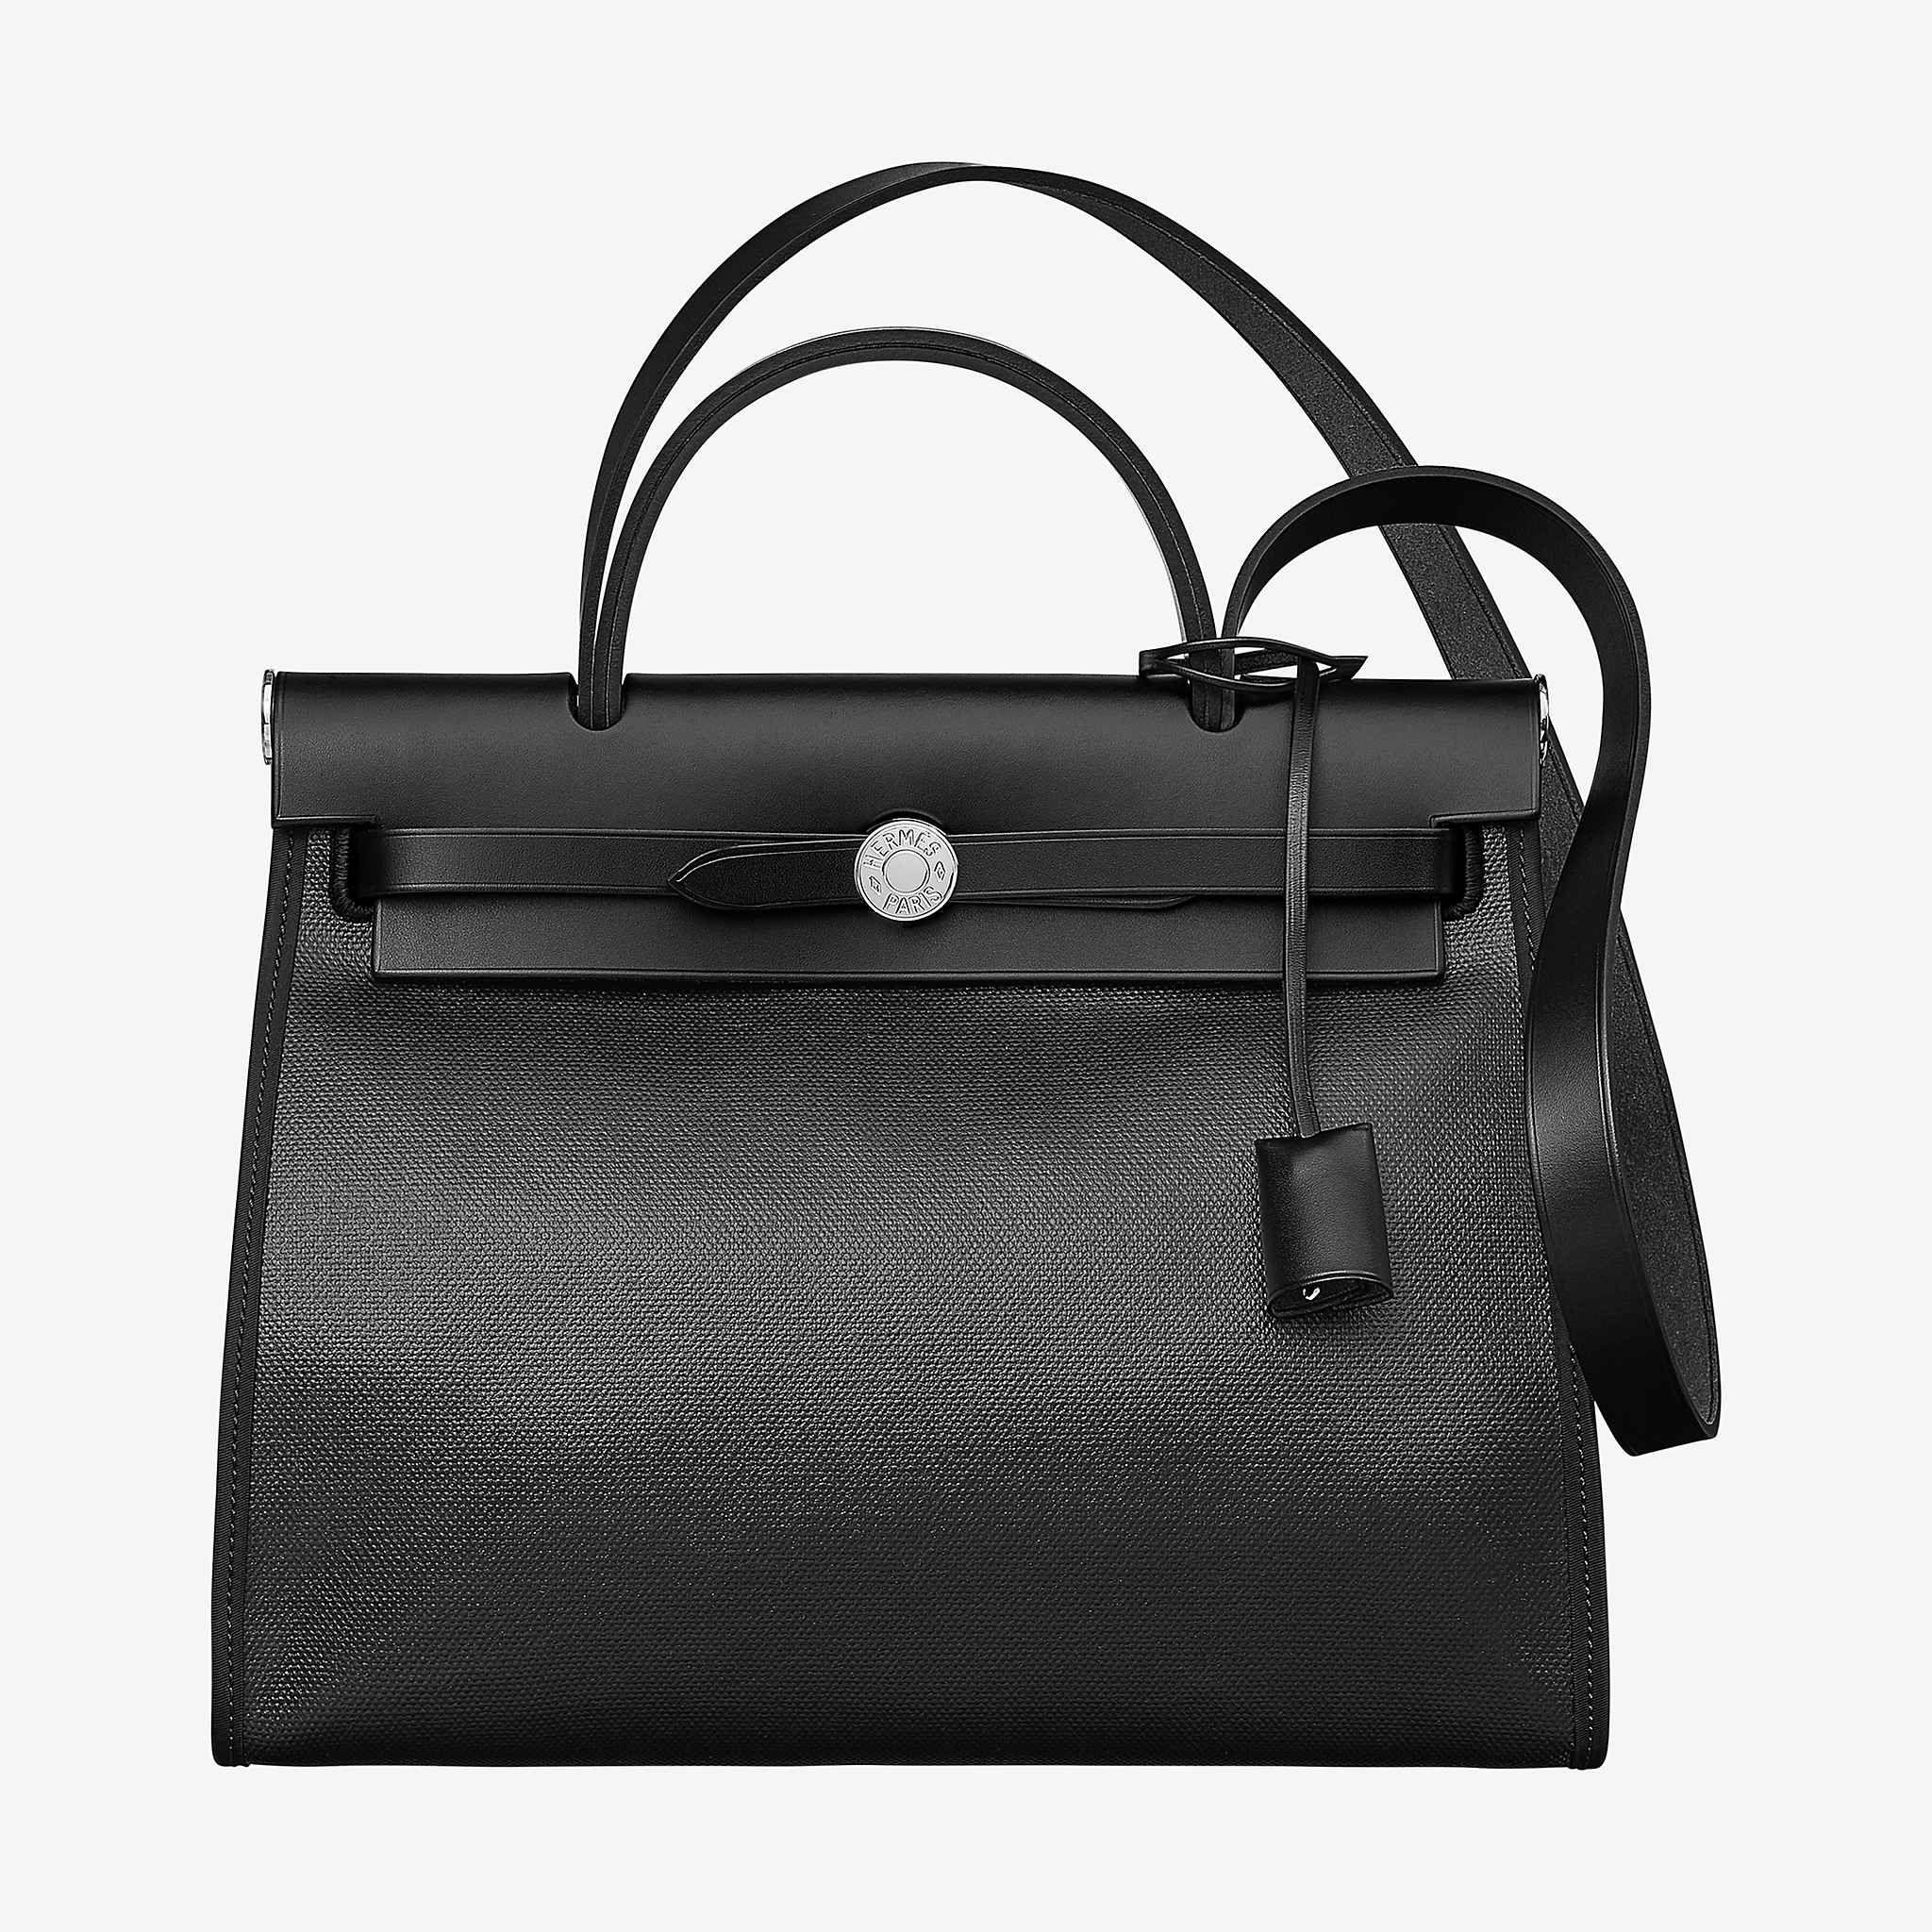 fcae55306f70 Herbag Zip 31 bag in 2019